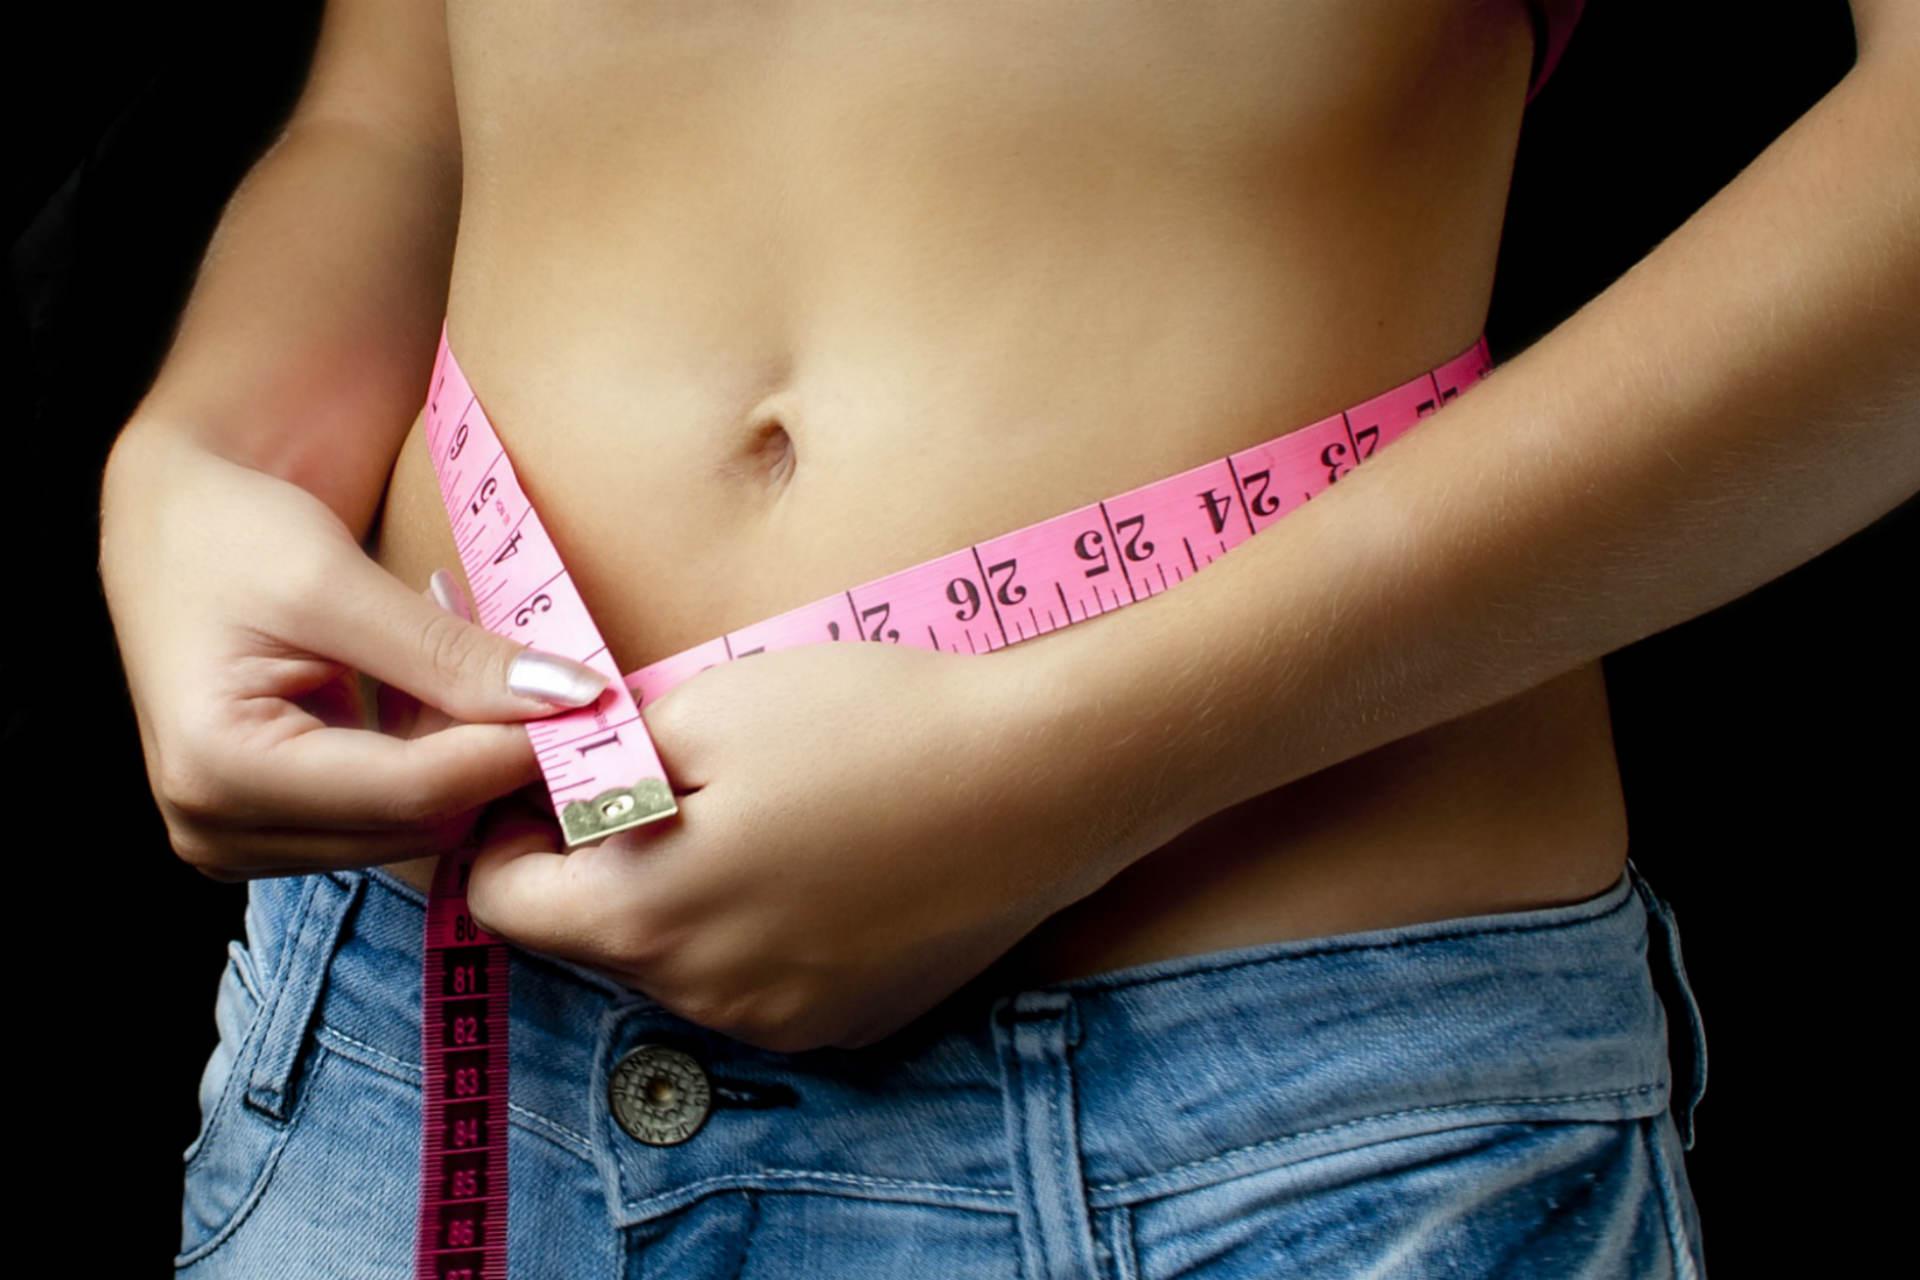 Anoressia bulimia binge eating